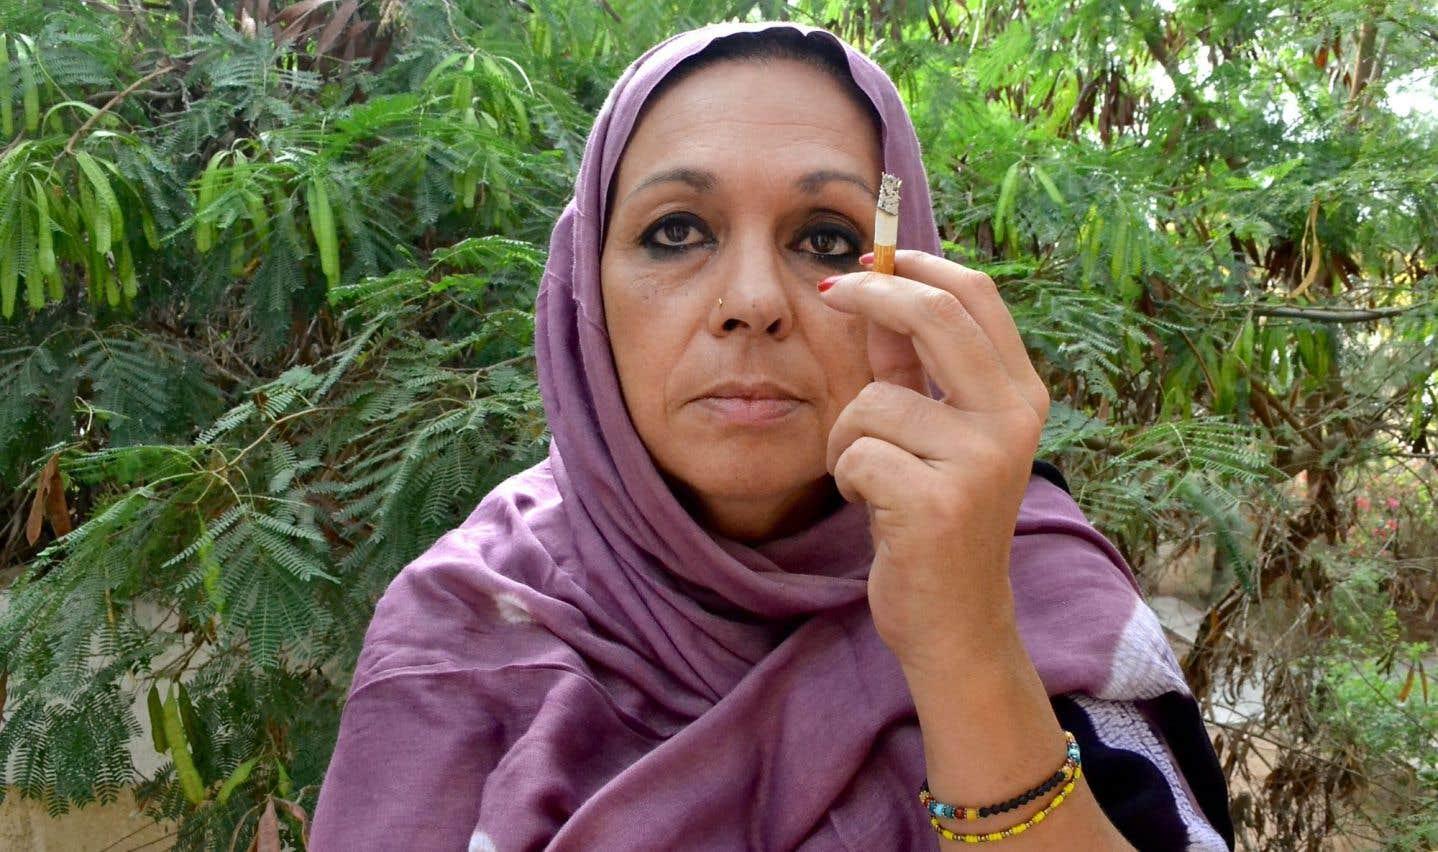 La nostalgie d'un islam apaisé en Mauritanie